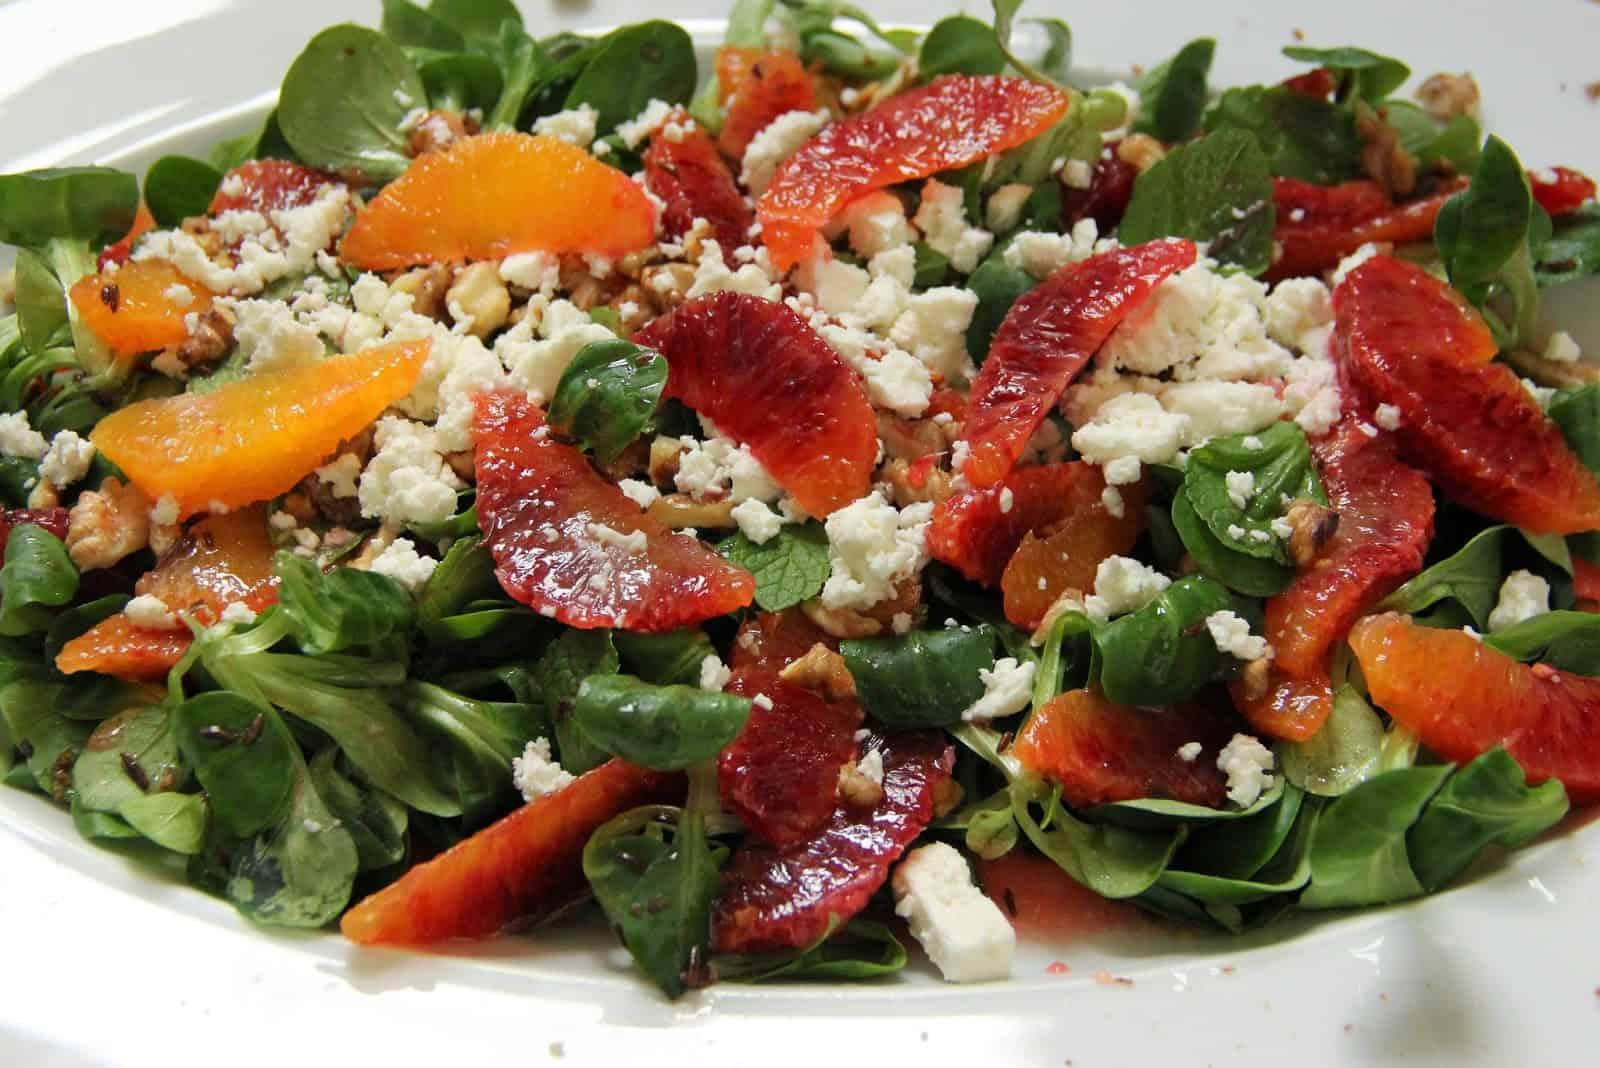 Blutorangen-Feta-Salat |SOAP|KITCHE|STYLE